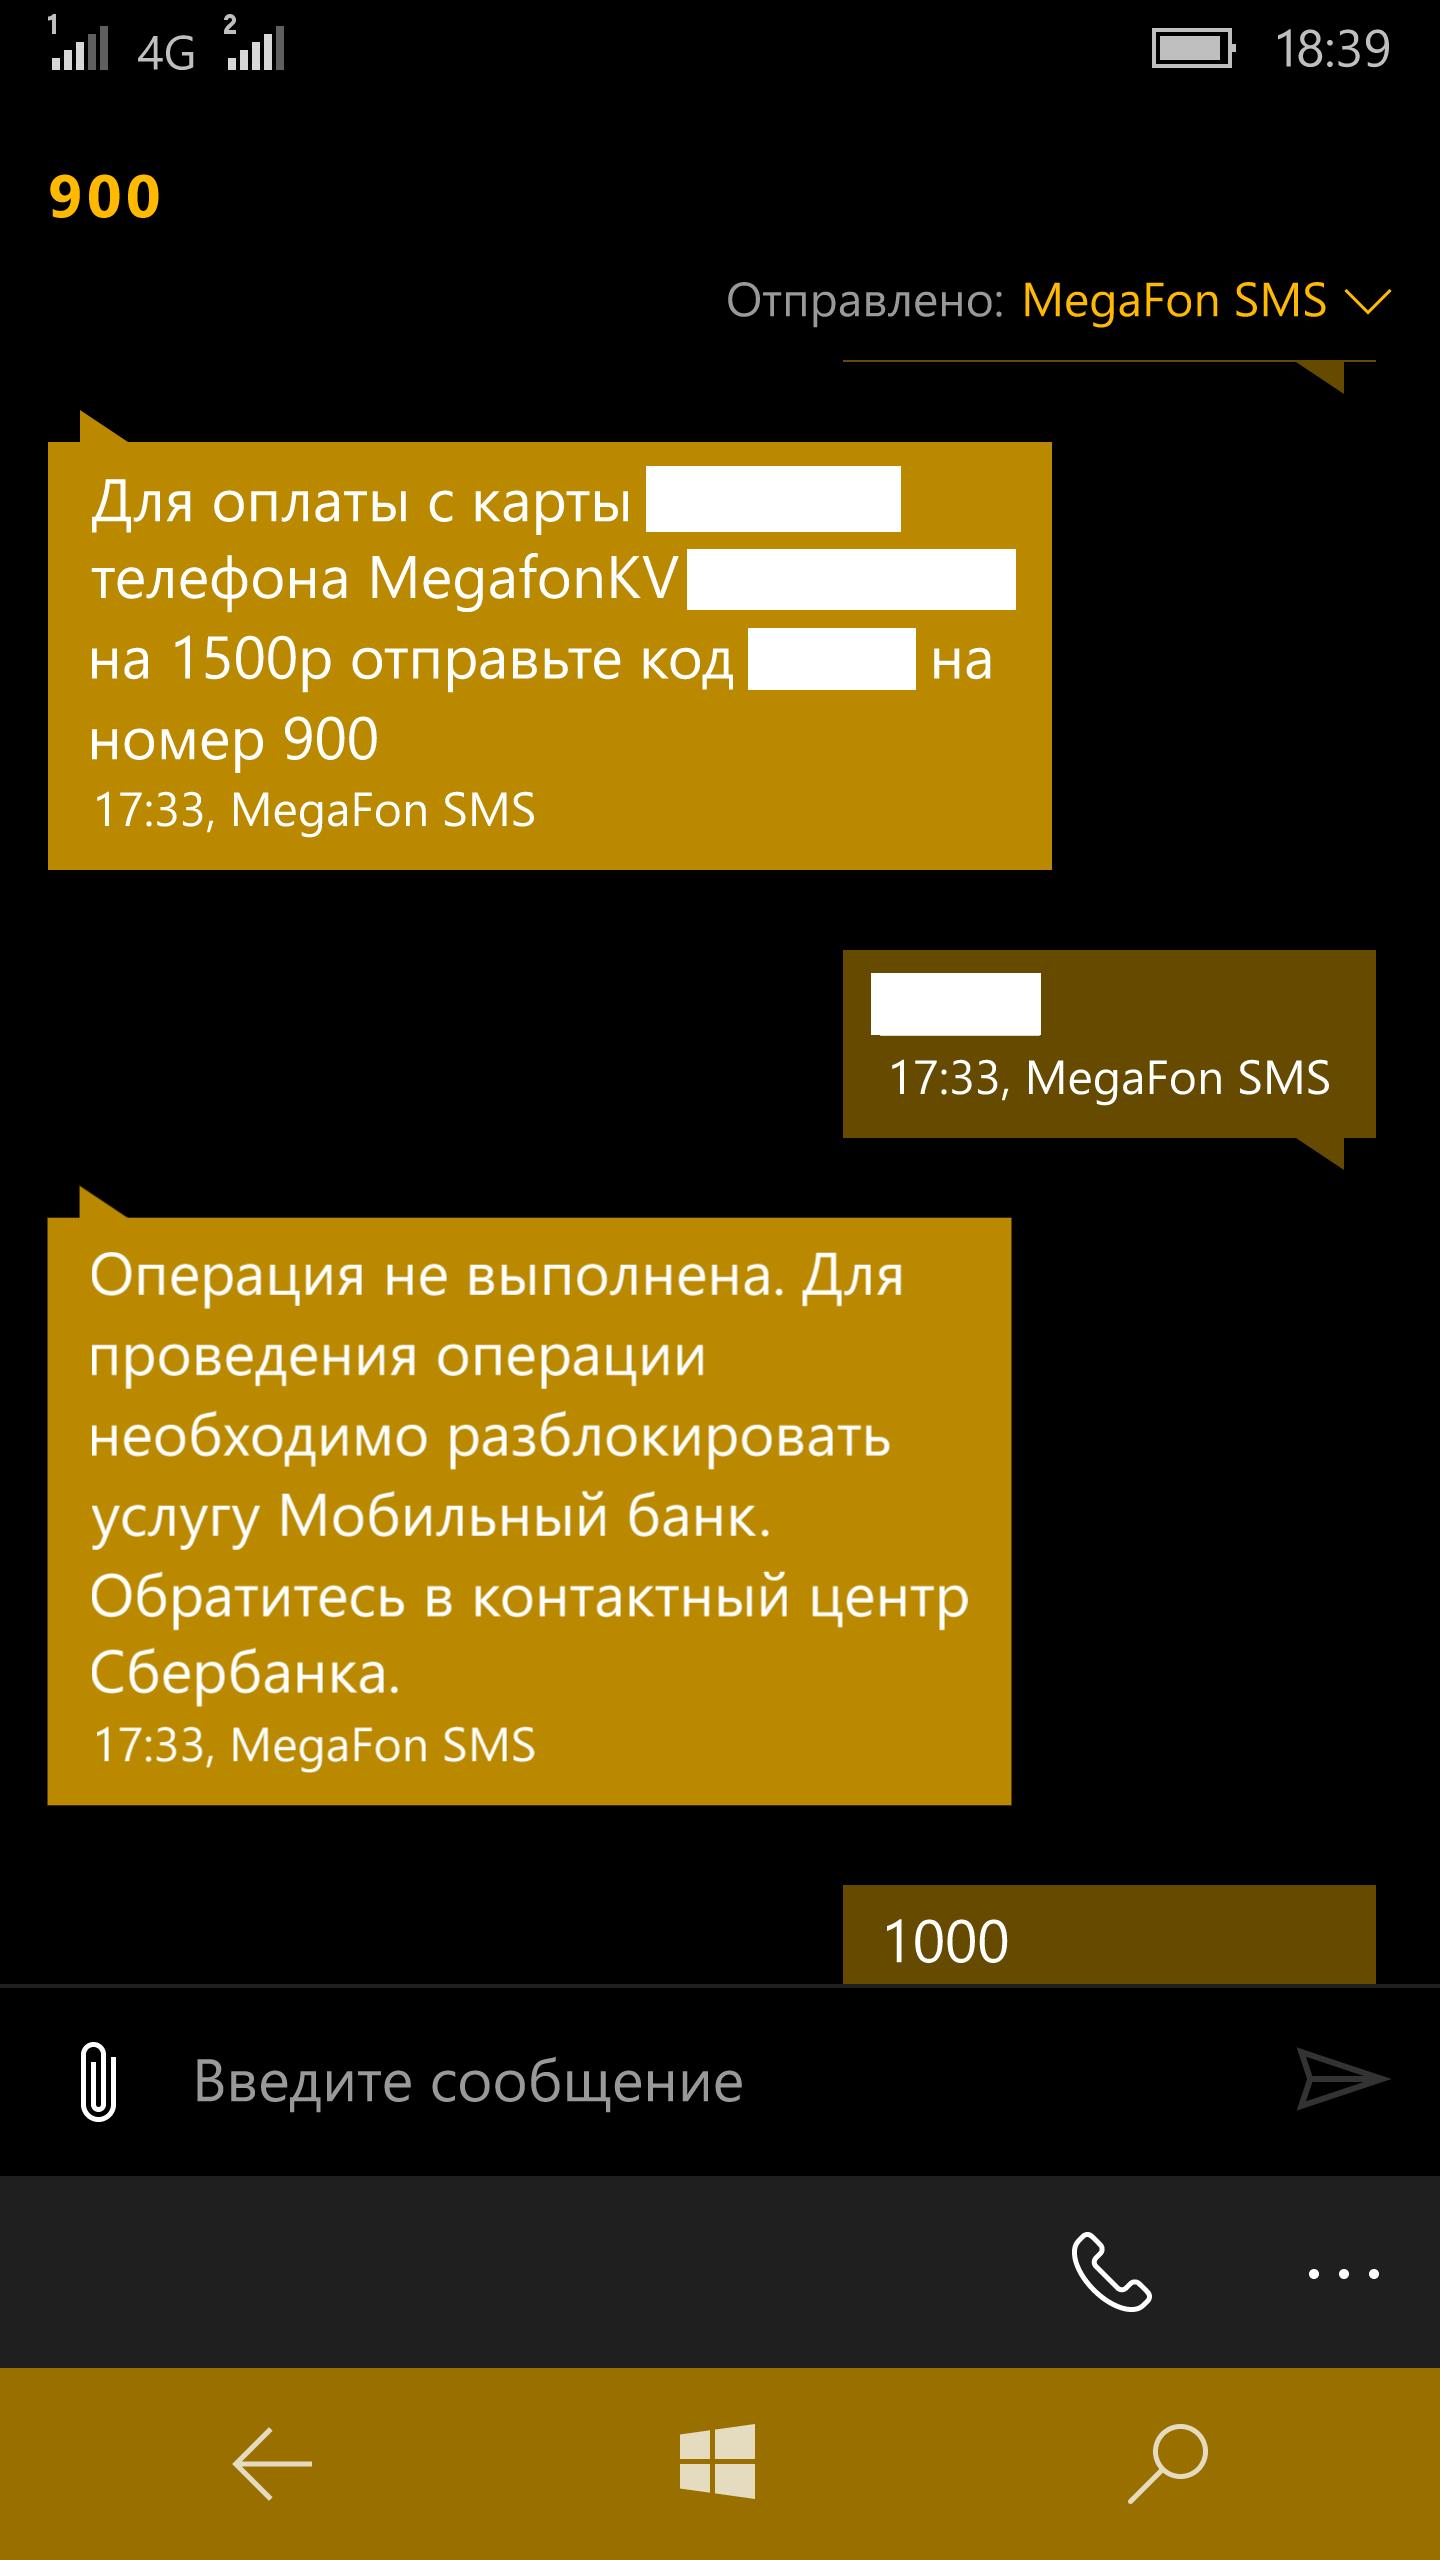 оплатить мегафон с банковской карты сбербанка через смс